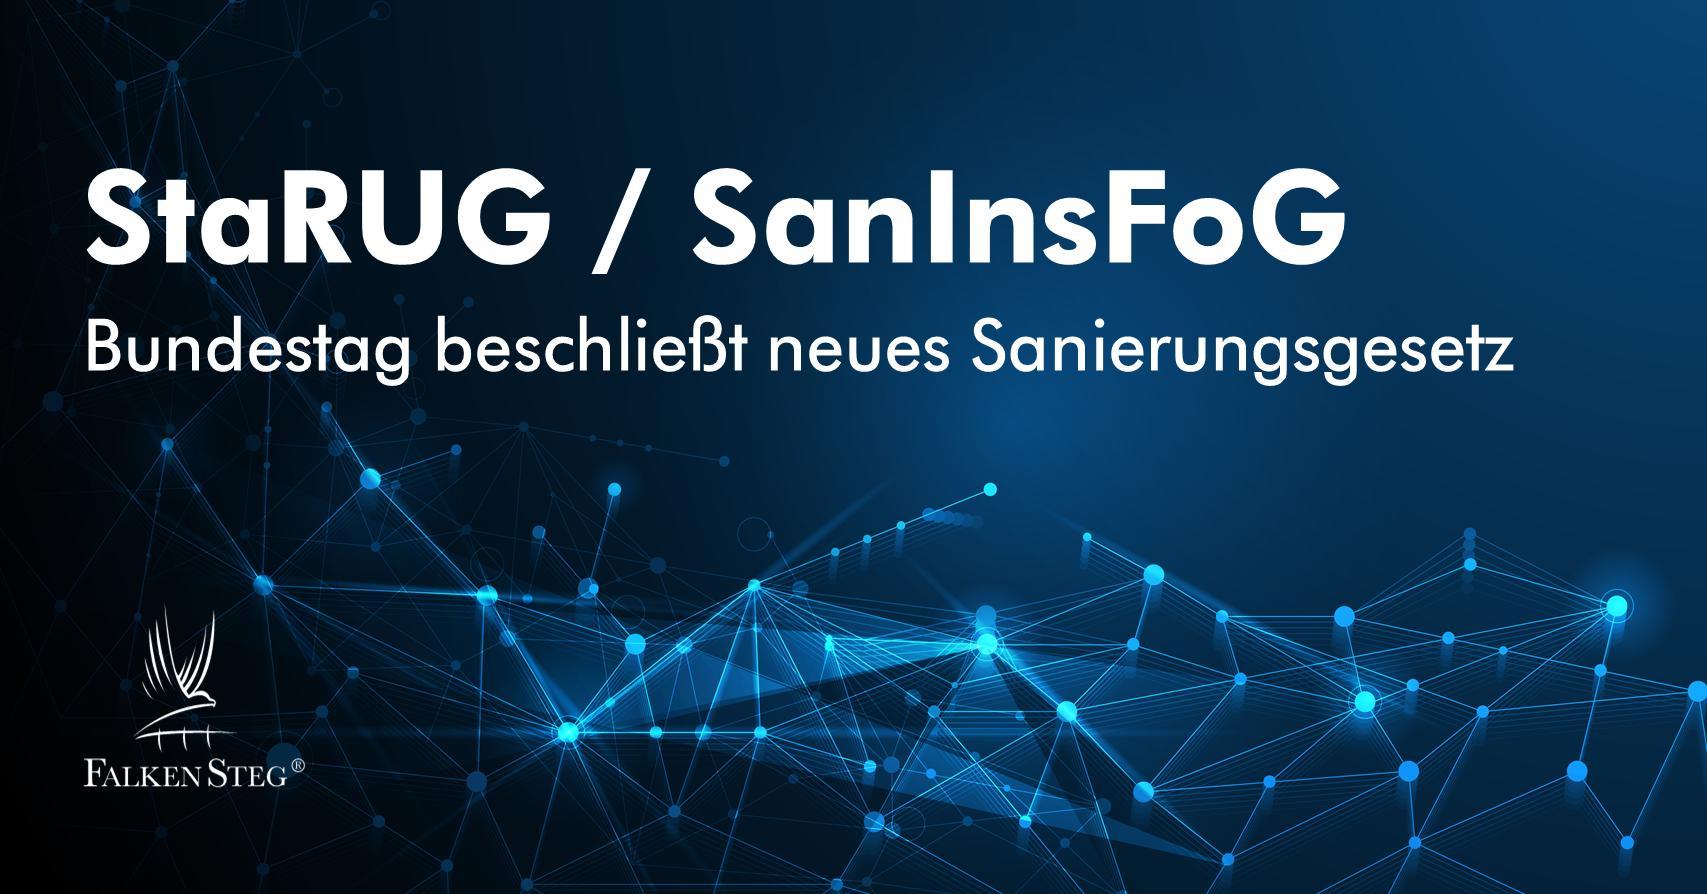 Falkensteg-Starug-Saninsfog-Restrukturierung-Sanierungskonzept-duesseldorf-Frankfurt-falkensteg-presse-bilder-starug